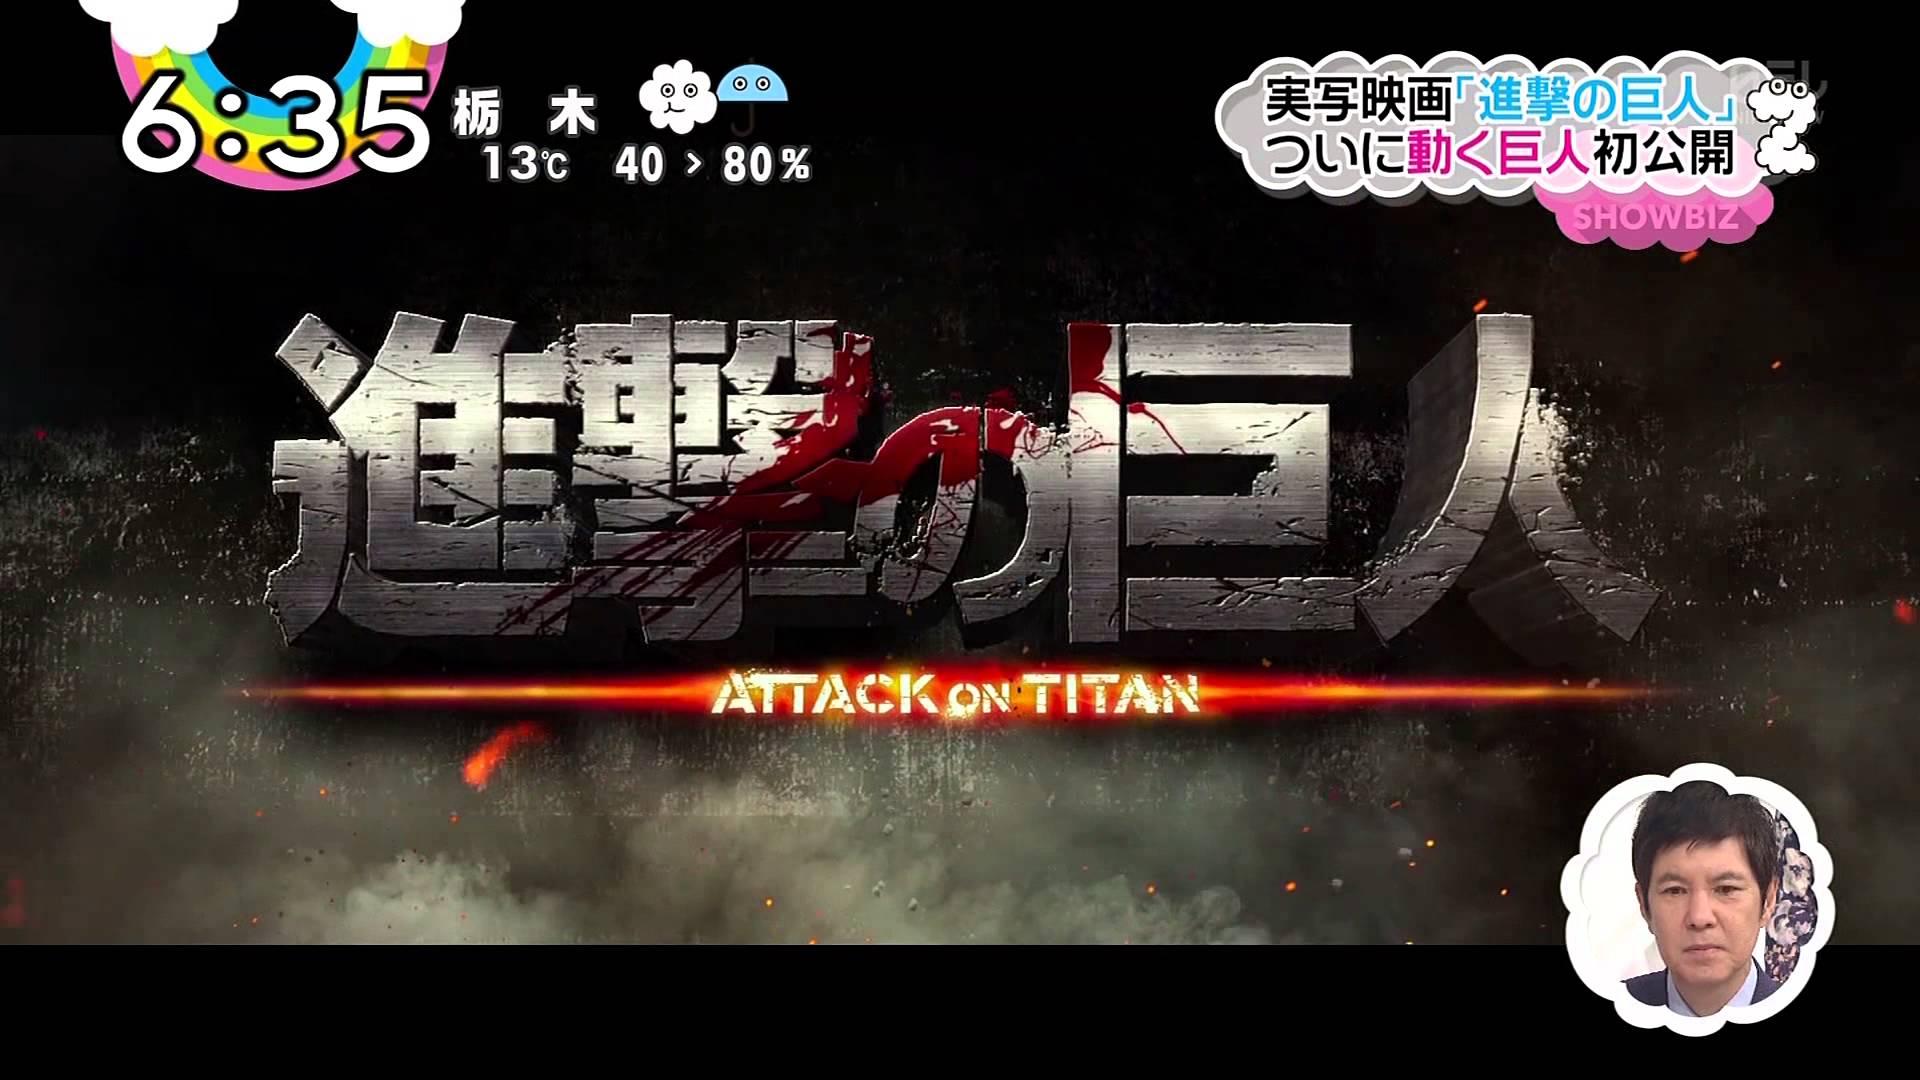 """Es gibt erste Bilder der Realverfilmung von """"Attack on Titan""""!"""